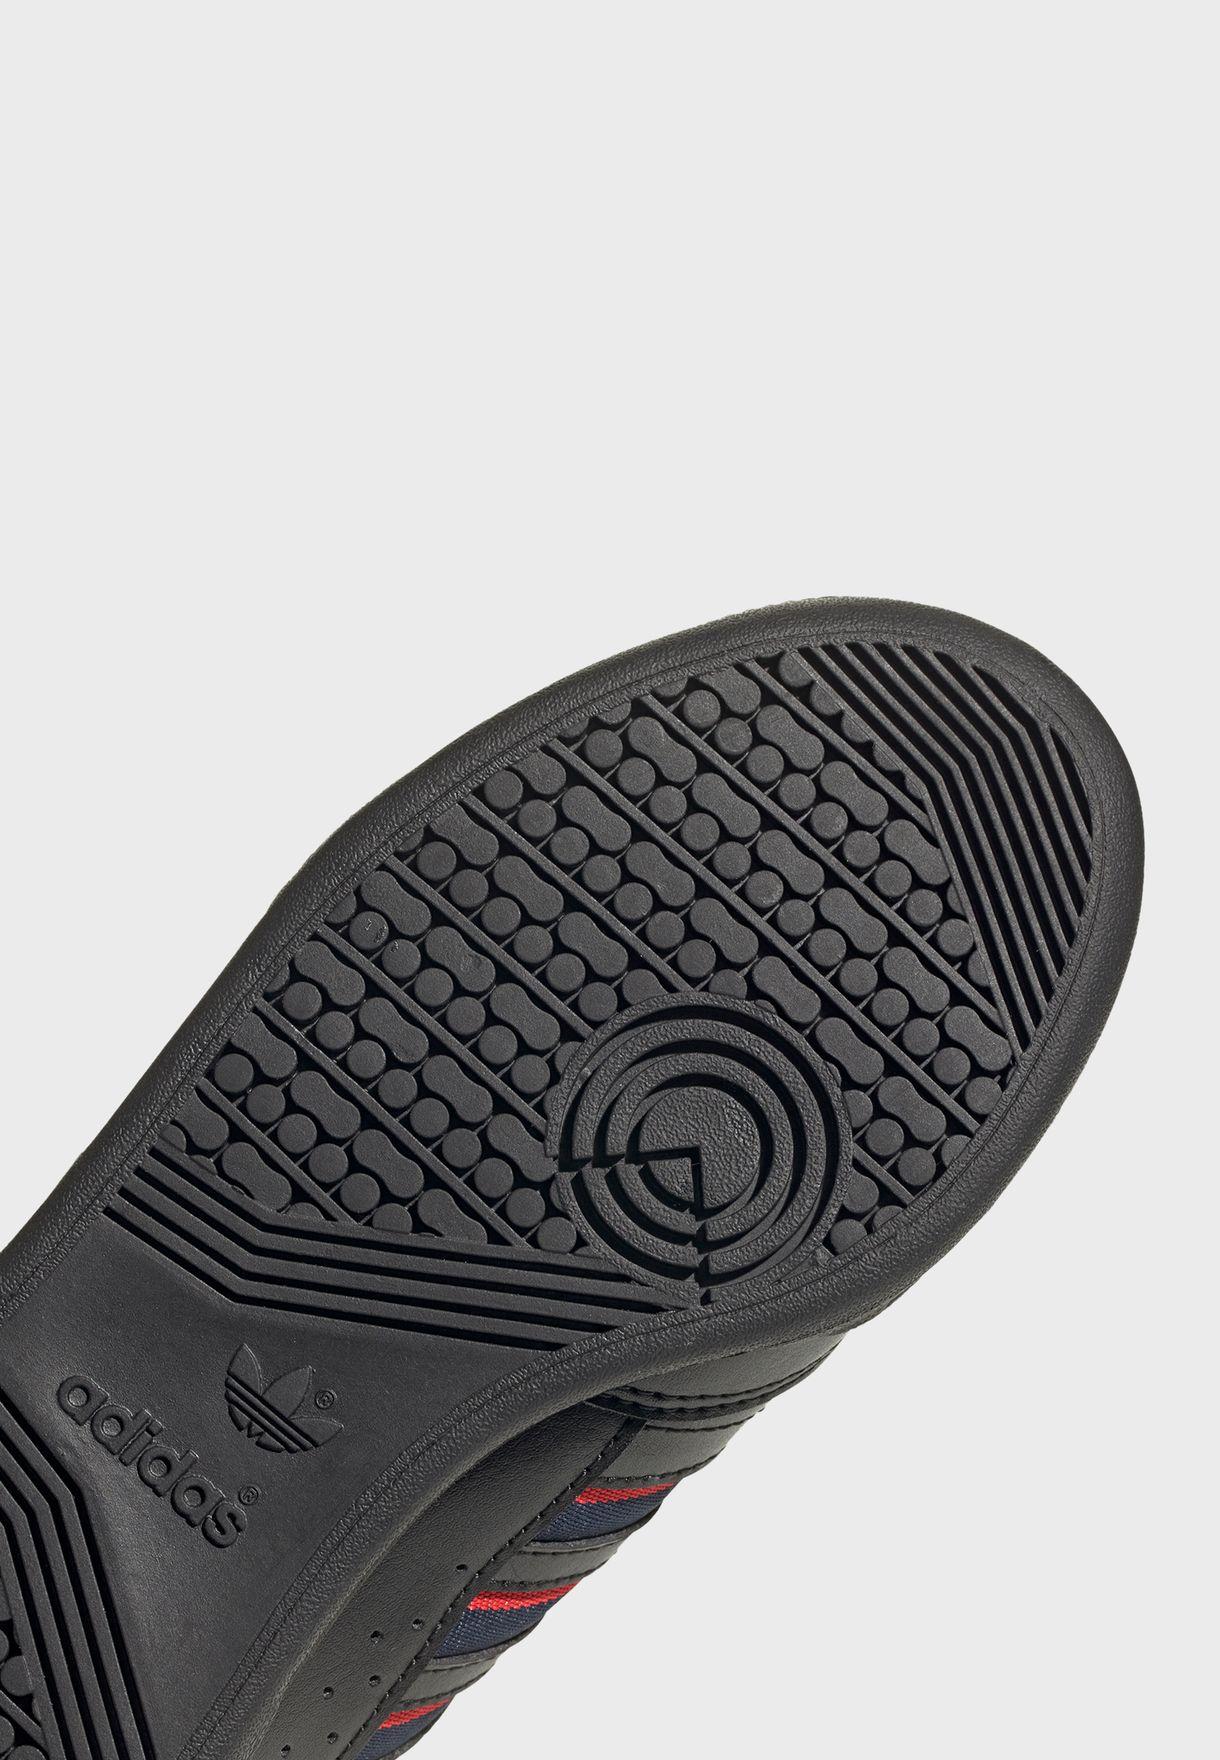 حذاء كونتيننتال 80 اس تي ار اي